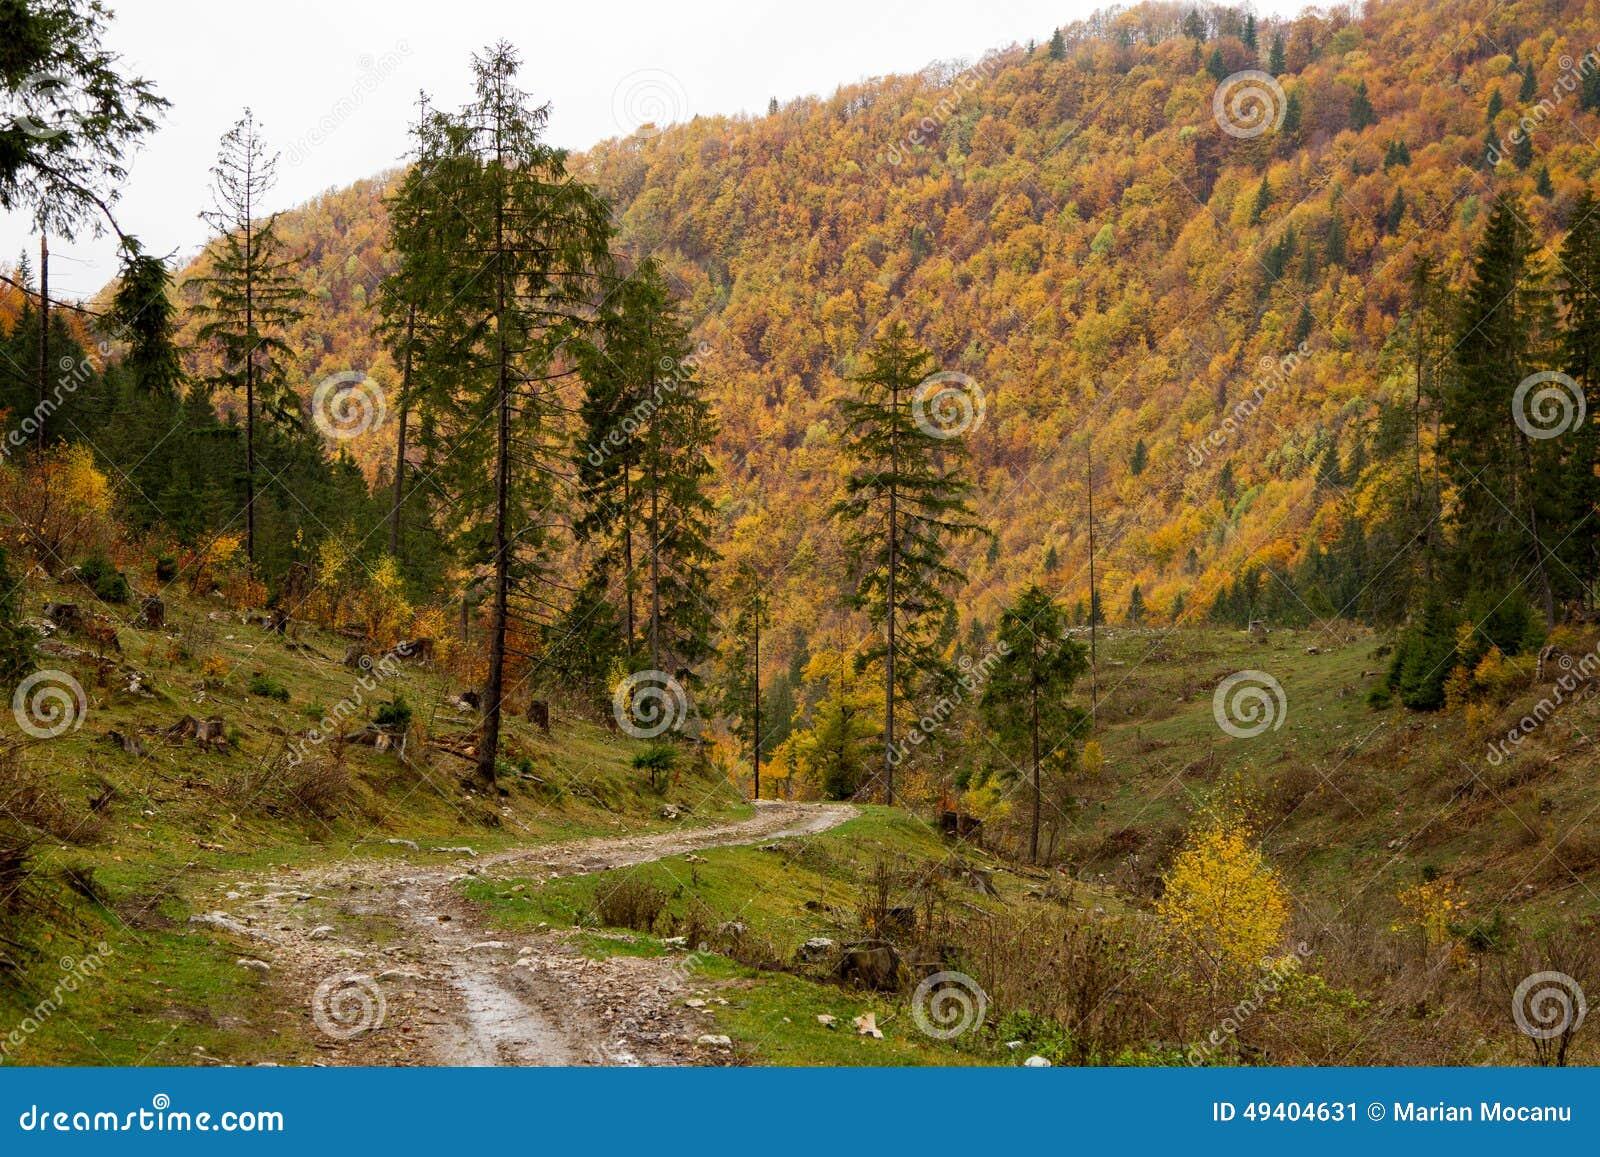 Download Ein Nadelholz im Osteuropa stockbild. Bild von outdoor - 49404631